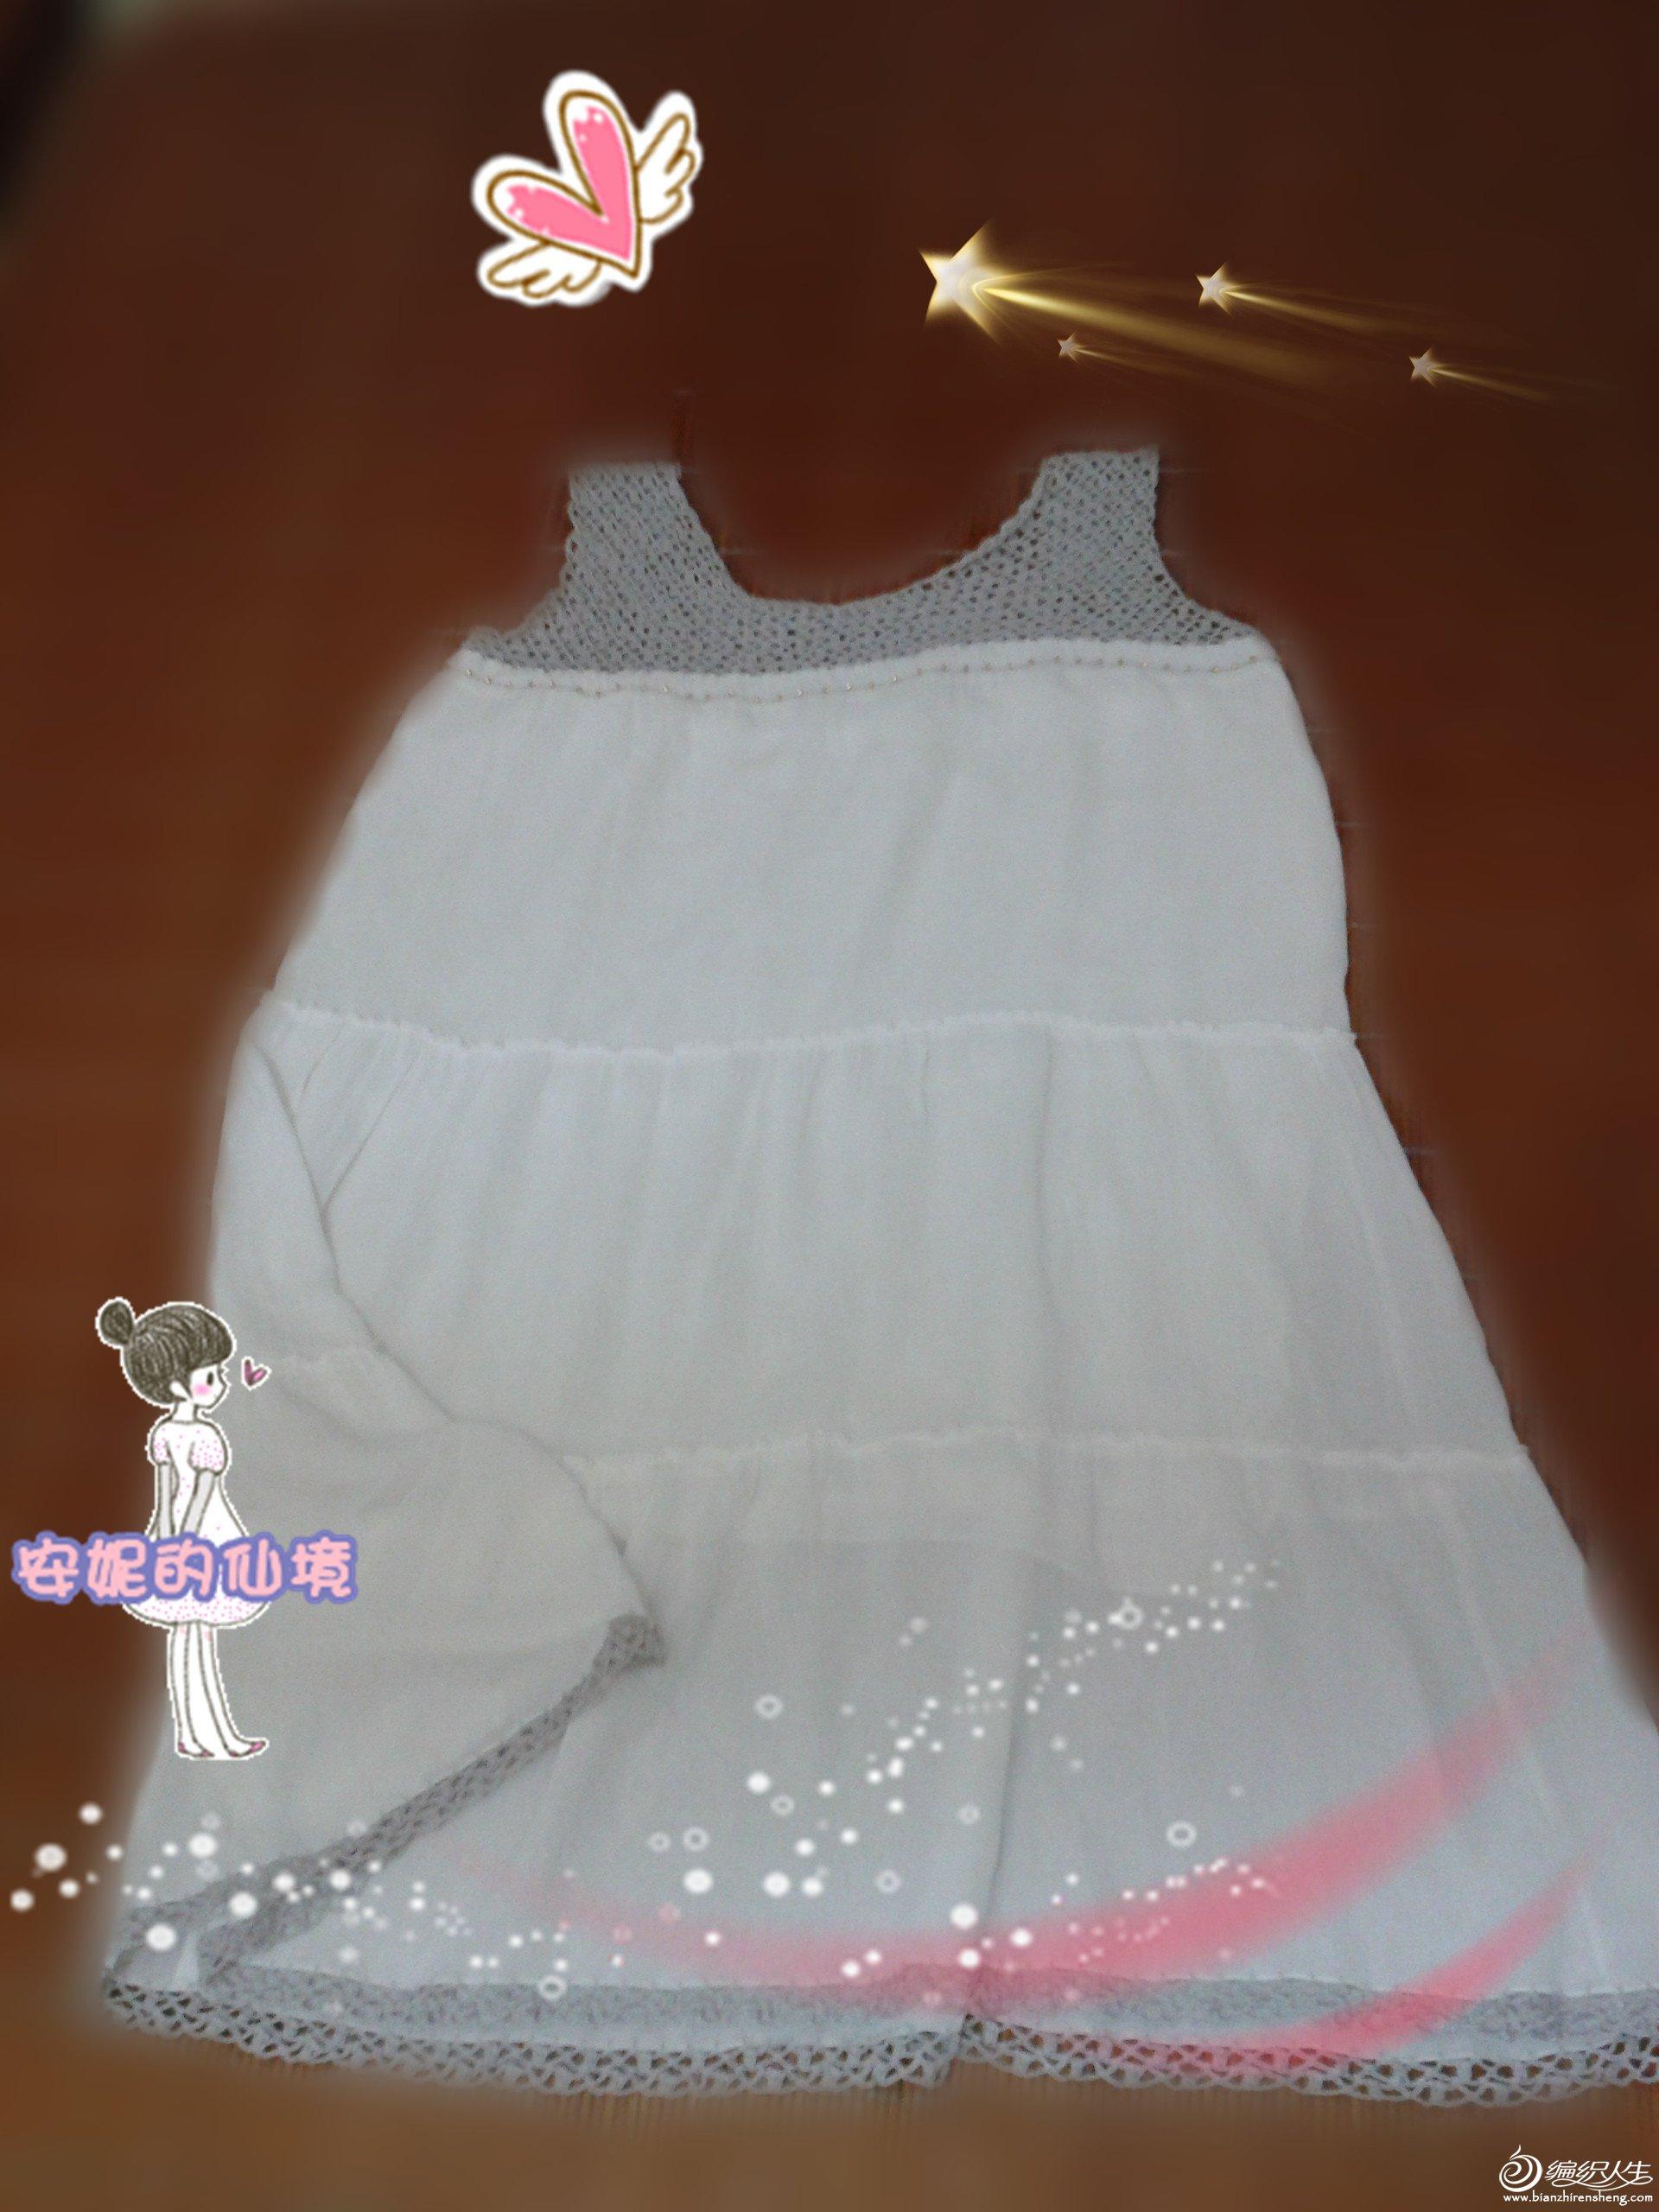 钩布结合连衣裙(完整)-LOGO.jpg